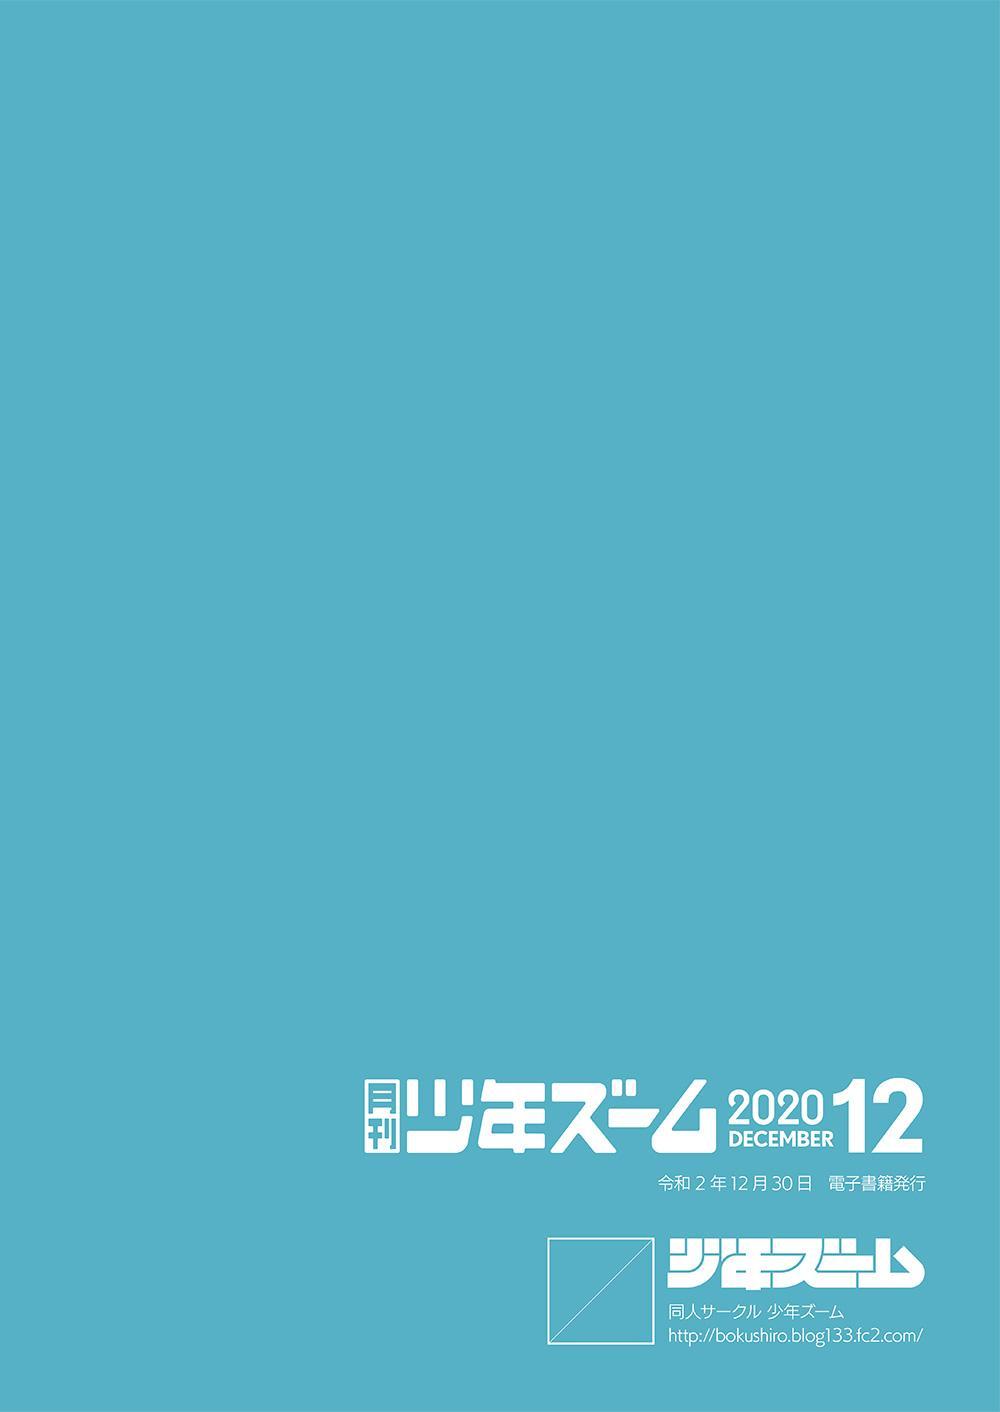 Gekkan Shounen Zoom 2020-12 23